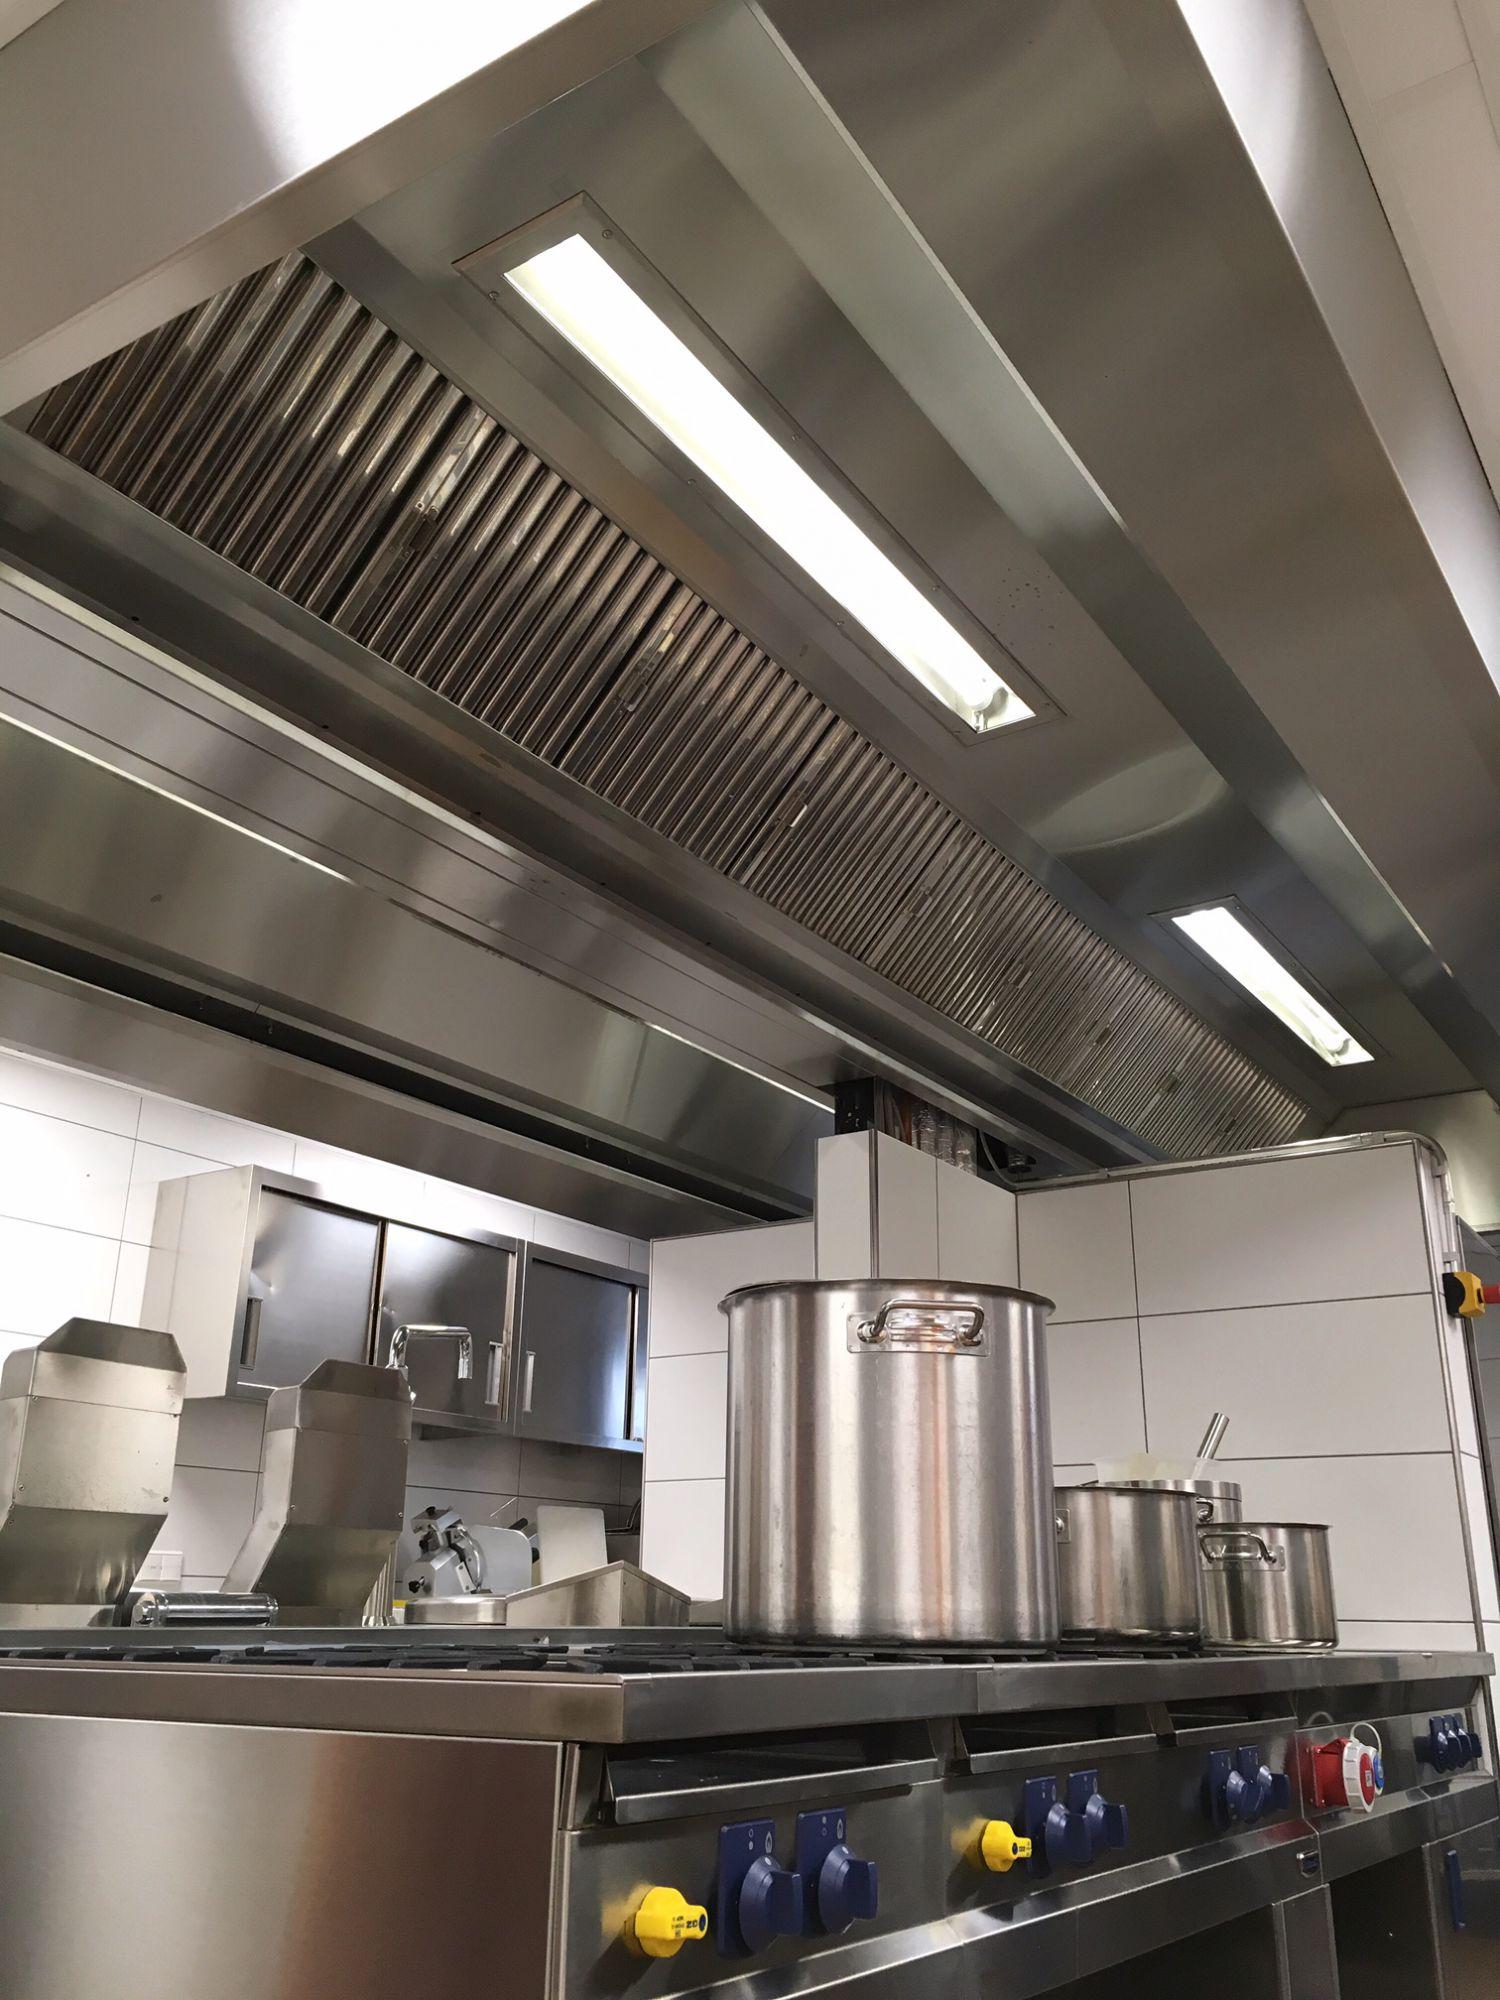 Full Size of Kchenabluft Klimaanlagen Gastrotechnik Lftung Klte Wohnzimmer Küchenabluft